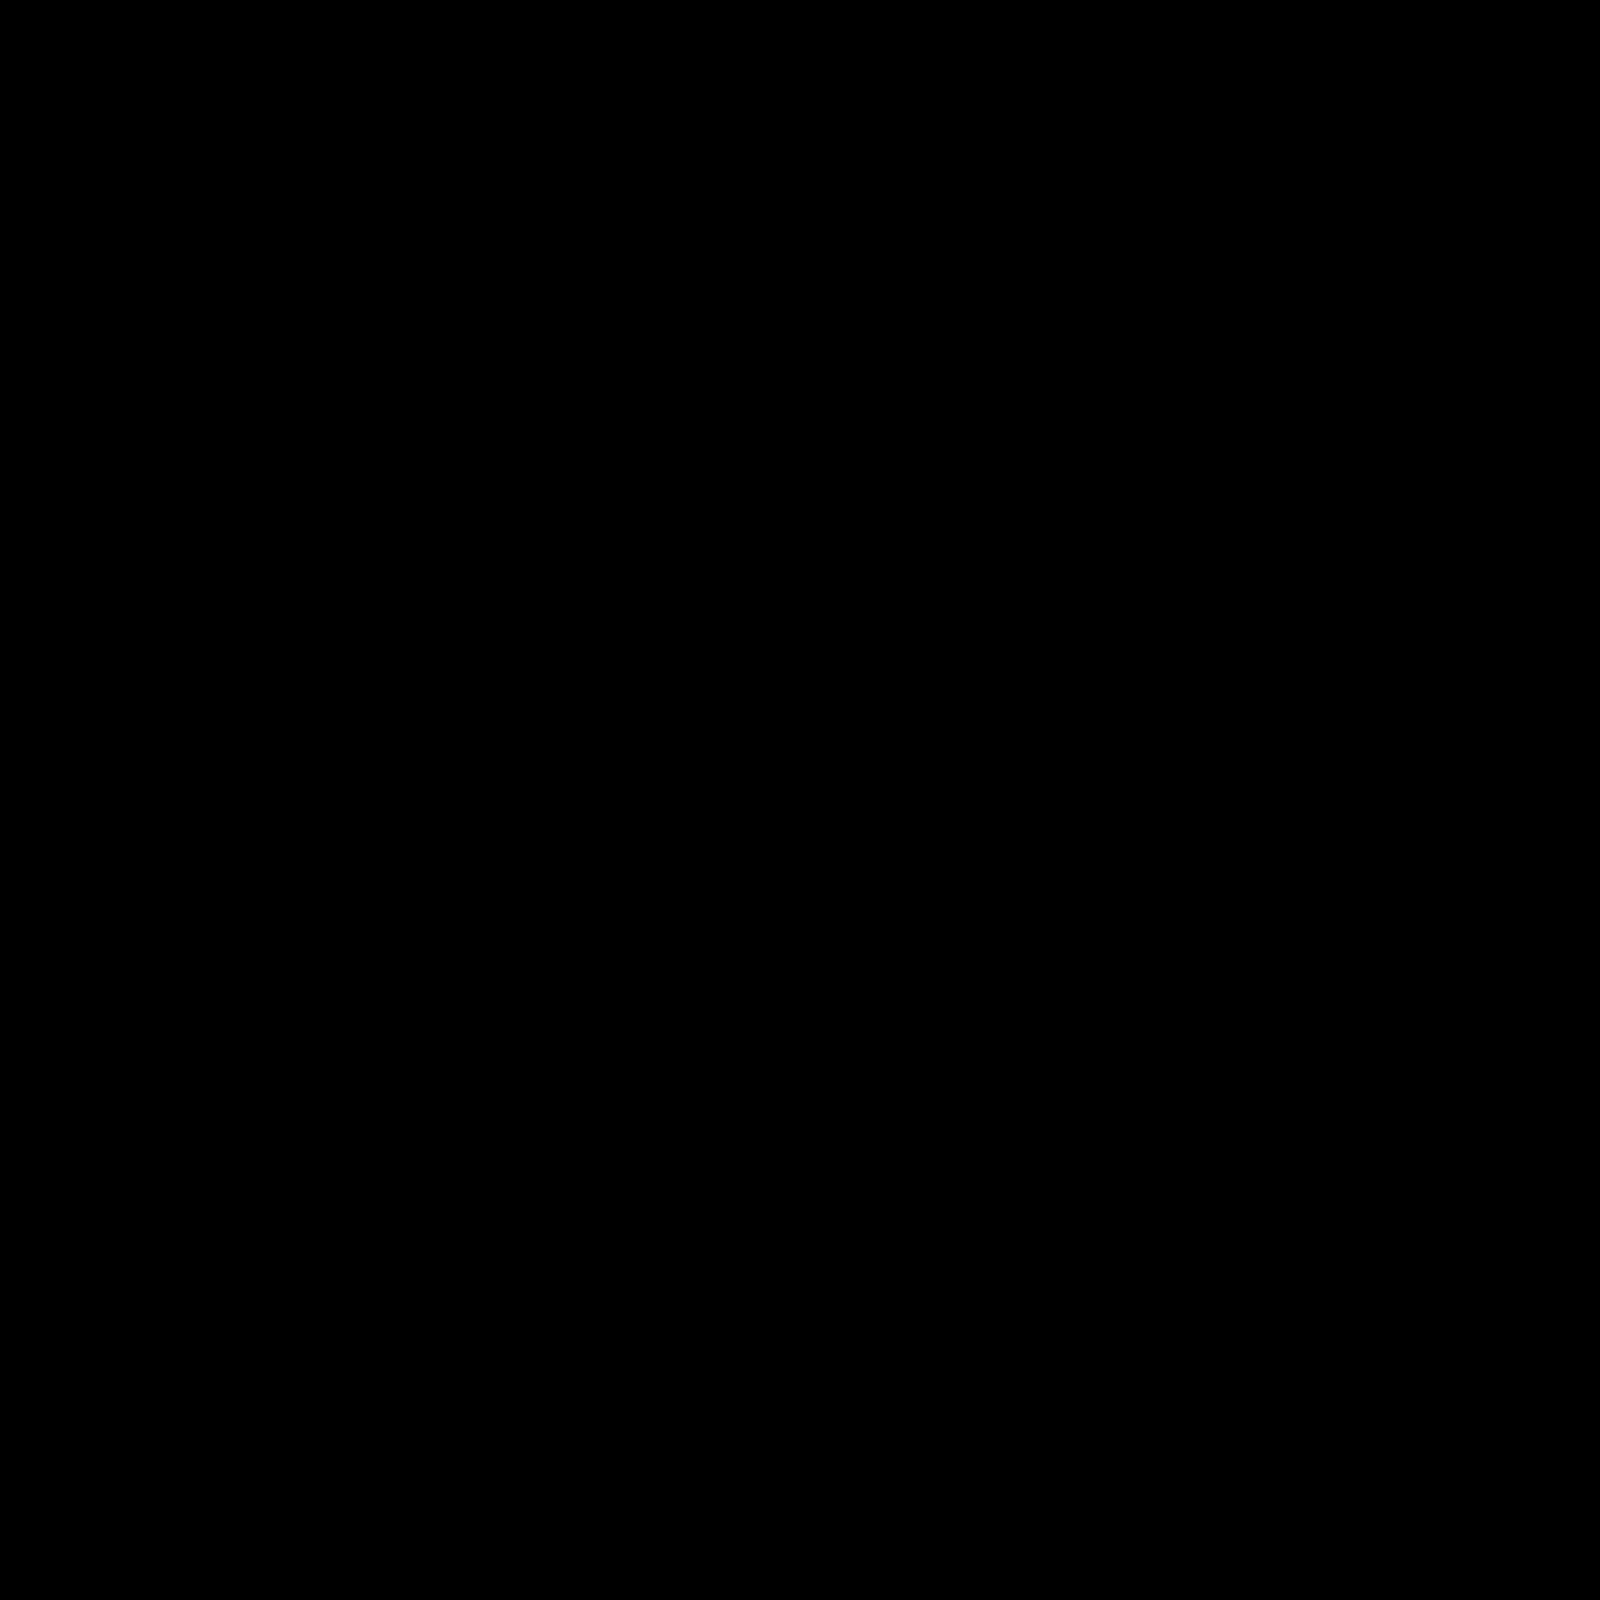 Crucifix PNG HD - 120784